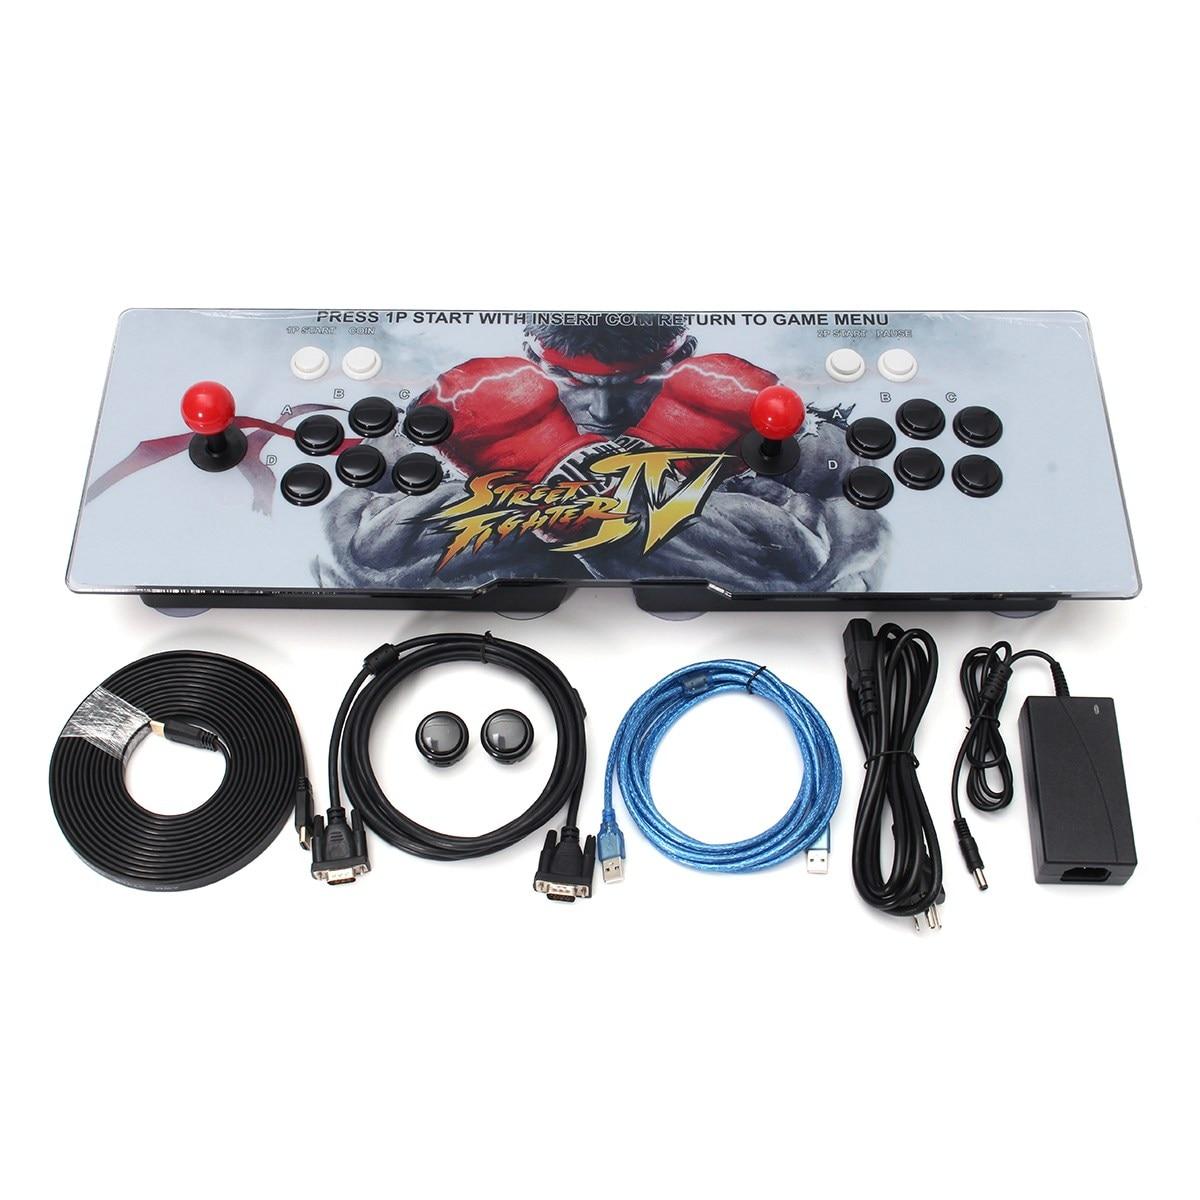 800 in 1 Retro Style Giochi Aracade Joystick Con 2 Giocatori doppio Joystick Gioco a Casa Acrade Console Classico Gioco Per PC Per TV